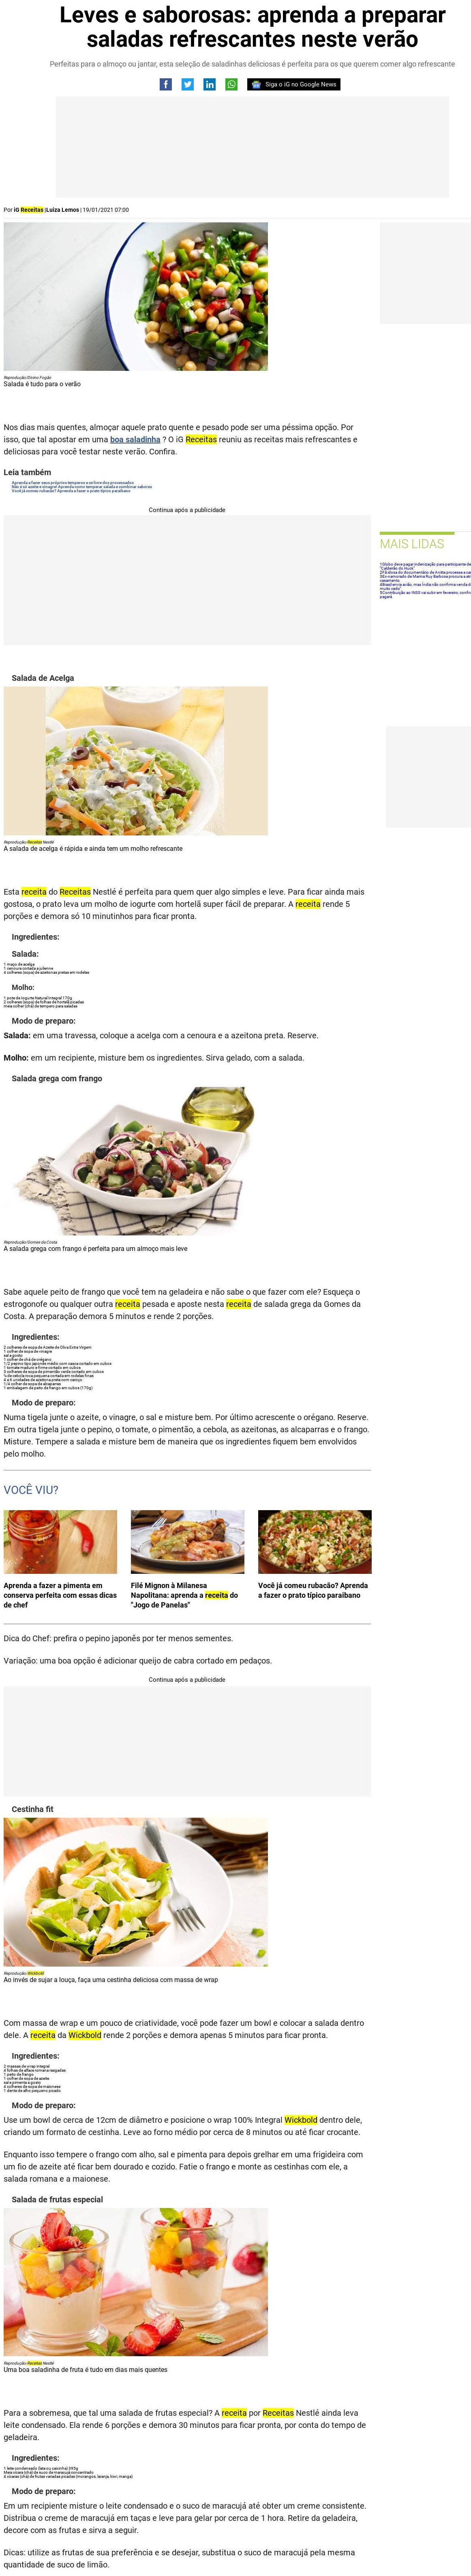 Leves e saborosas: aprenda a preparar saladas refrescantes neste verão - Receitas IG